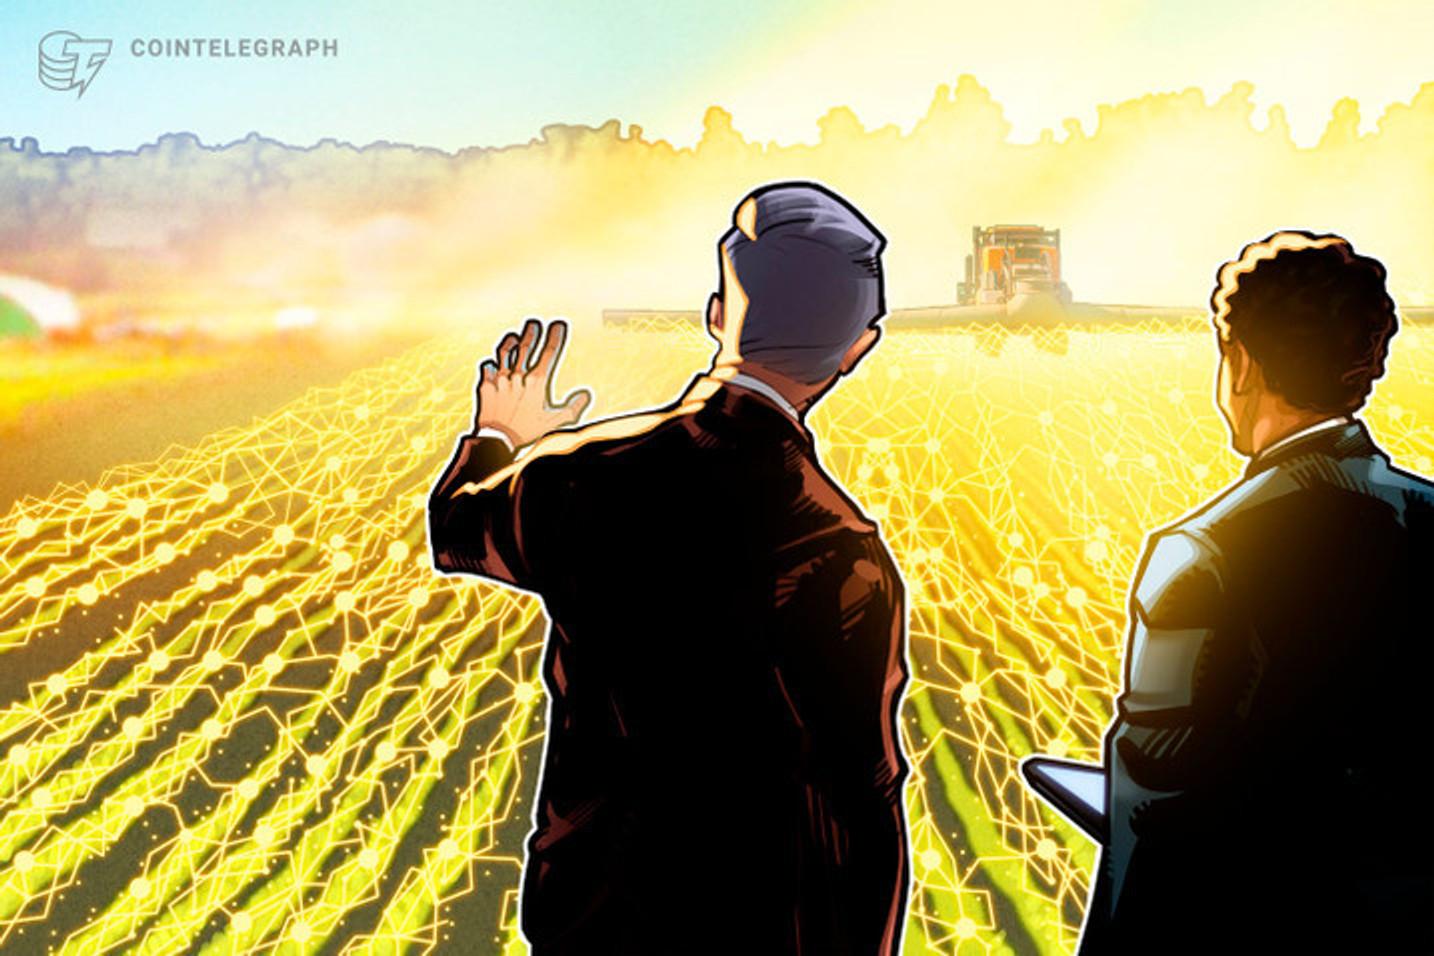 Plataforma blockchain para o mercado de soja já negociou 25 milhões de toneladas em dois meses